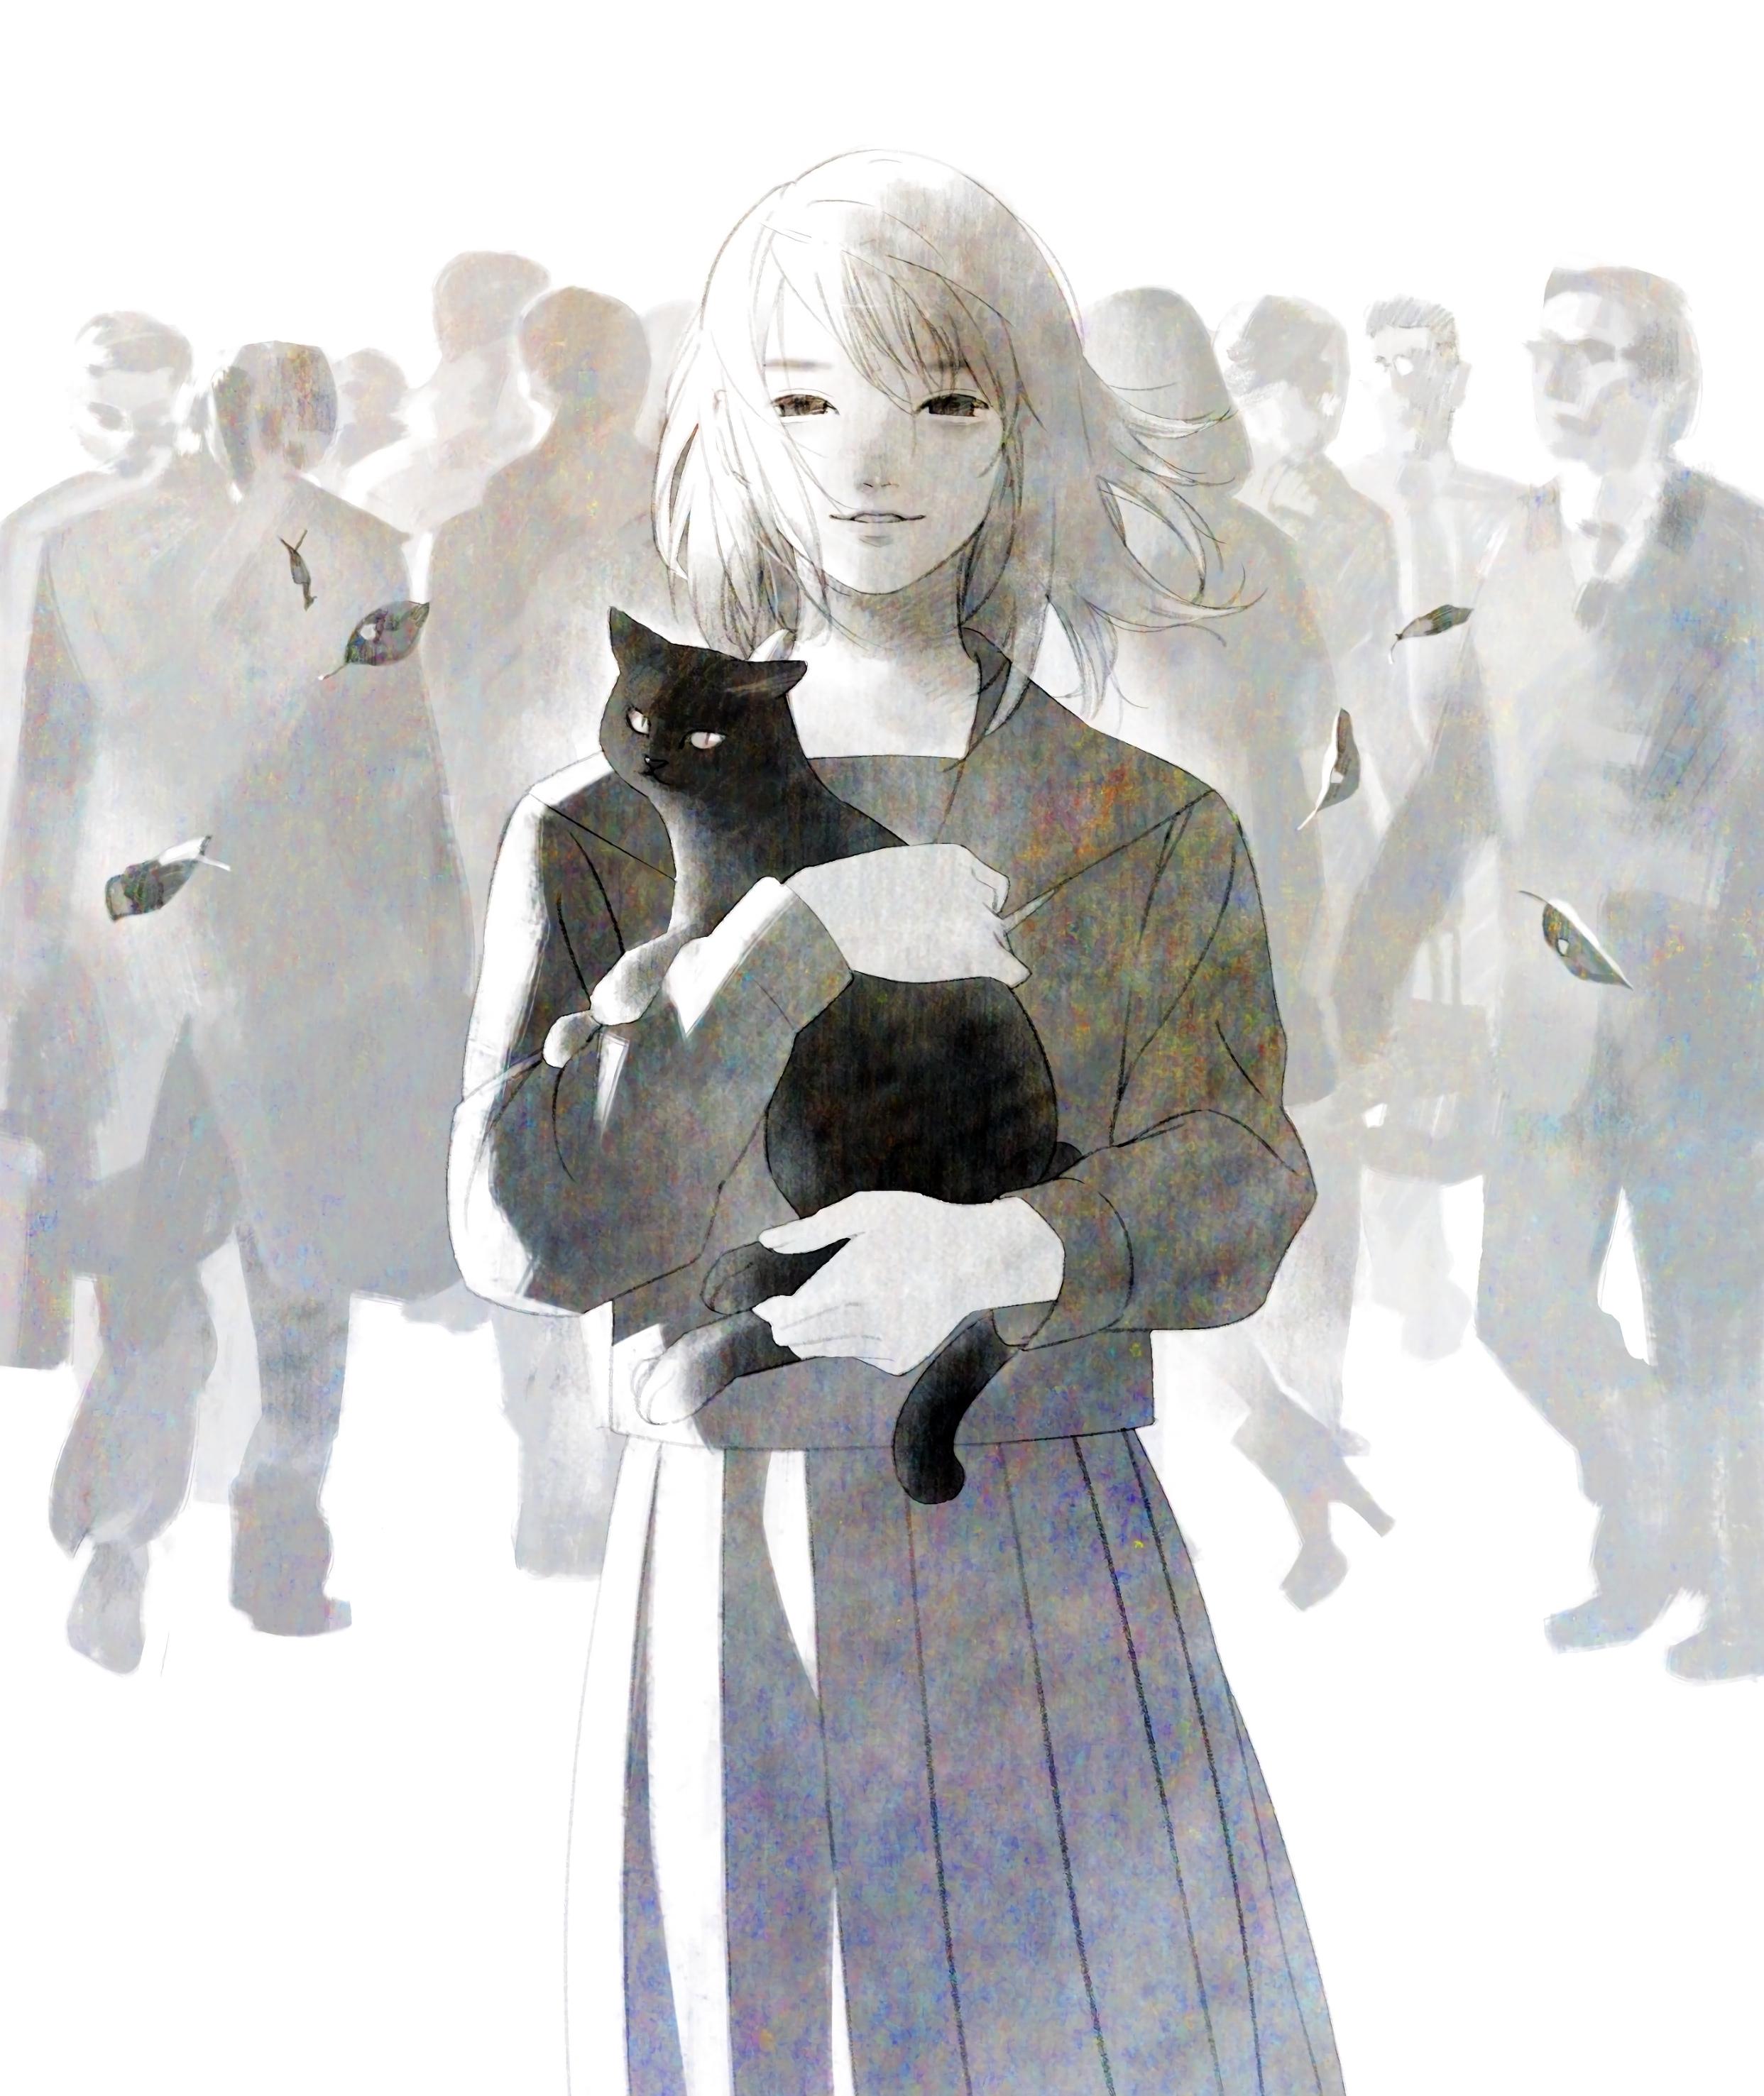 144321 Hintergrundbild herunterladen Anime, Kunst, Der Kater, Katze, Menge, Animeshka - Bildschirmschoner und Bilder kostenlos